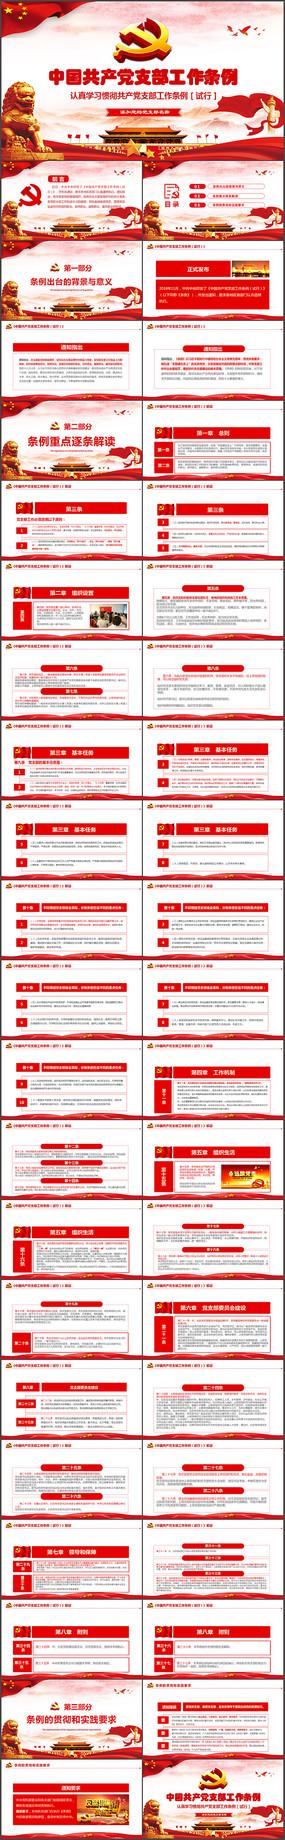 共产党党支部工作条例PPT